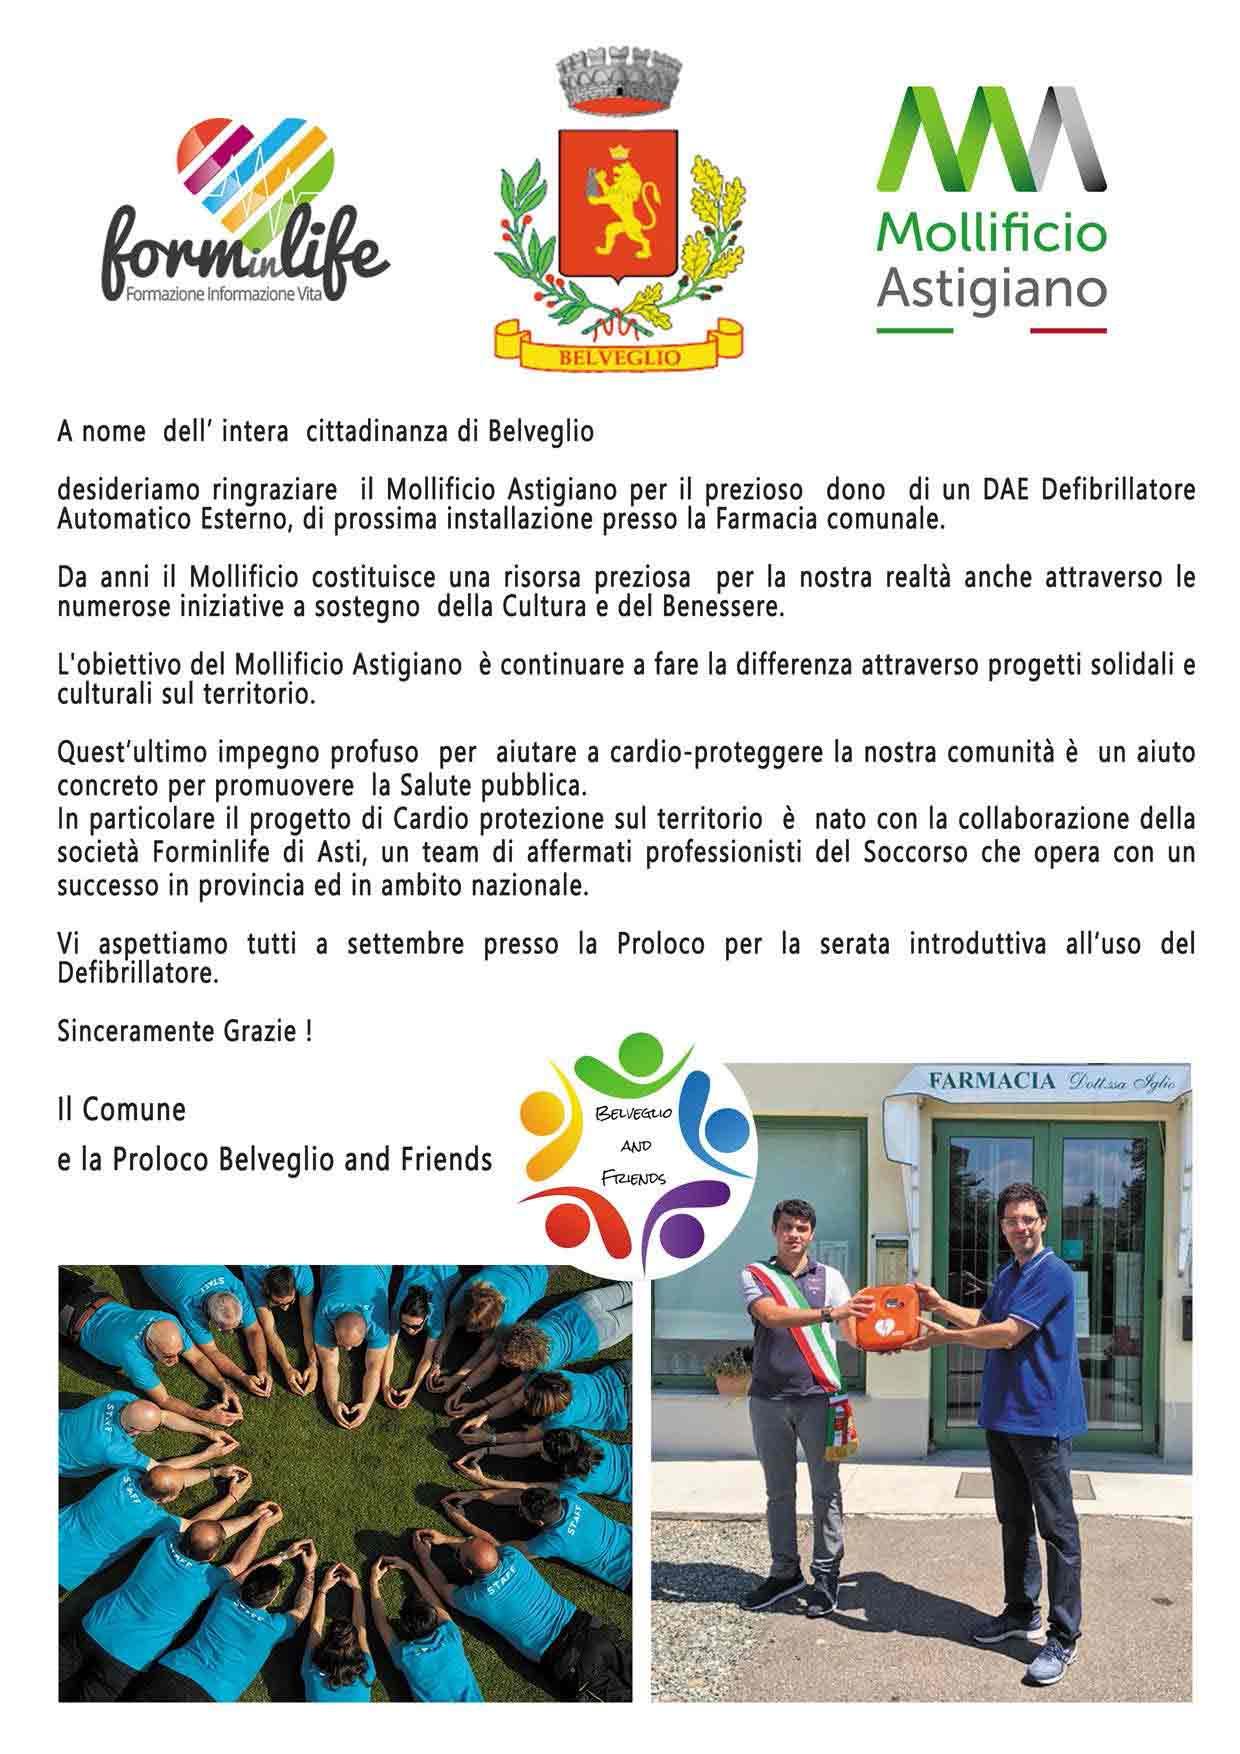 donazione-DAE-Mollifcicio Astigiano-Belveglio